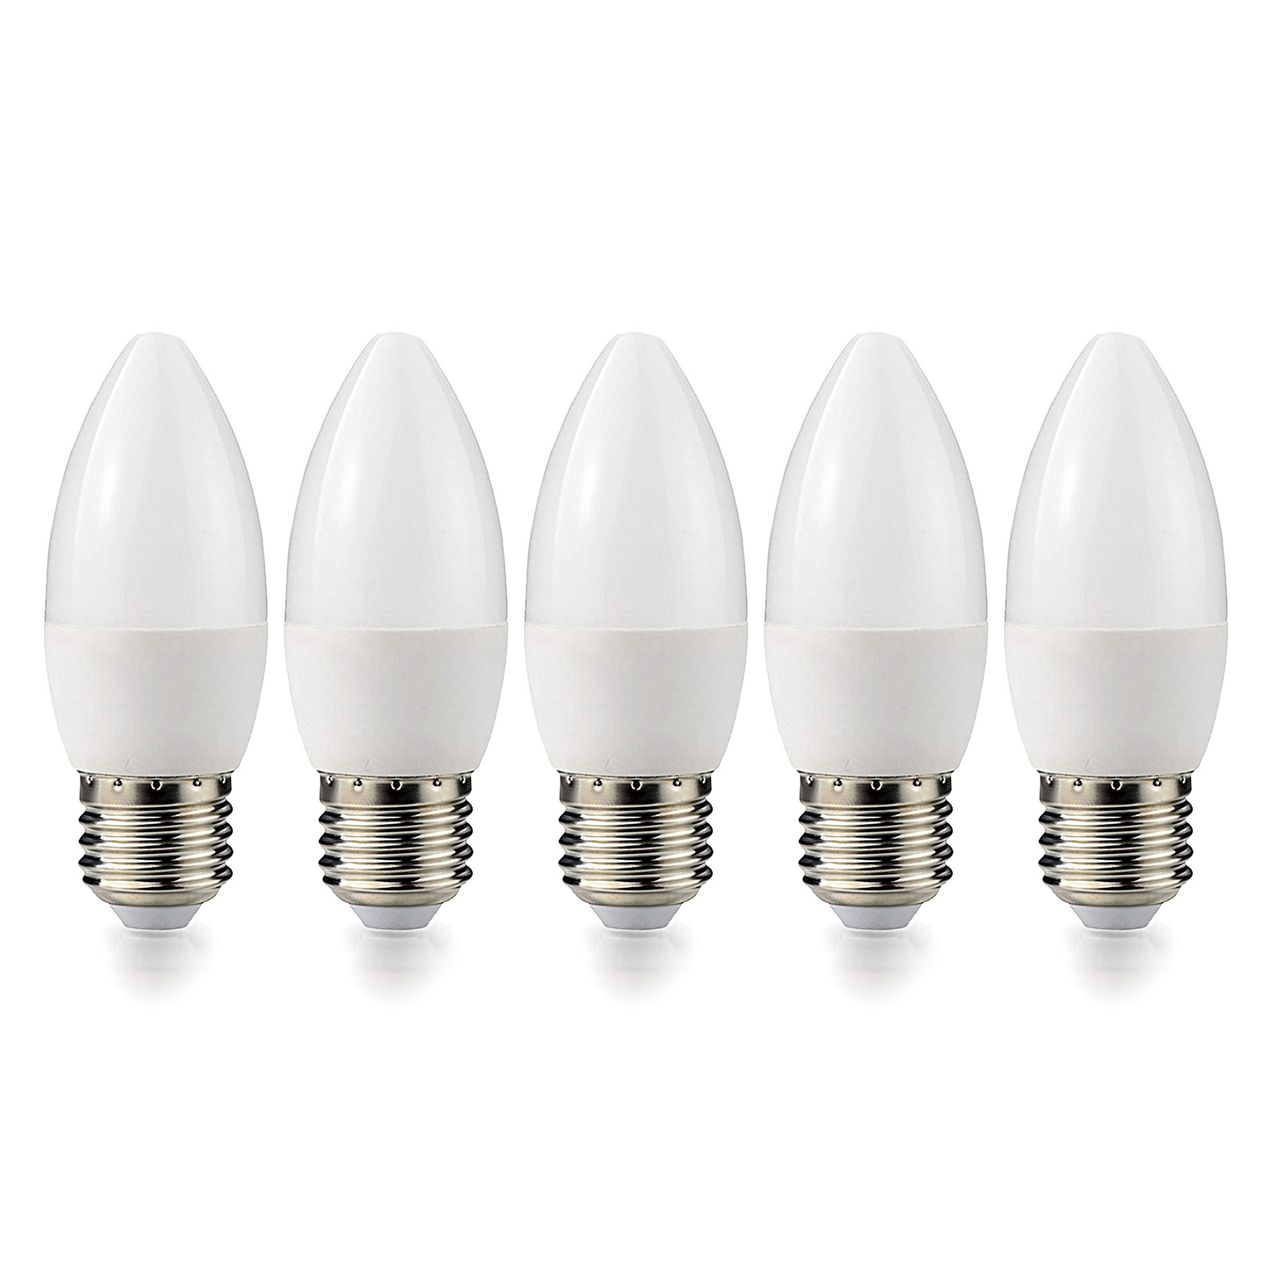 5 Stück LED Kerze Leuchtmittel E27 5W Energiesparbirne warmweiß Lampe Licht